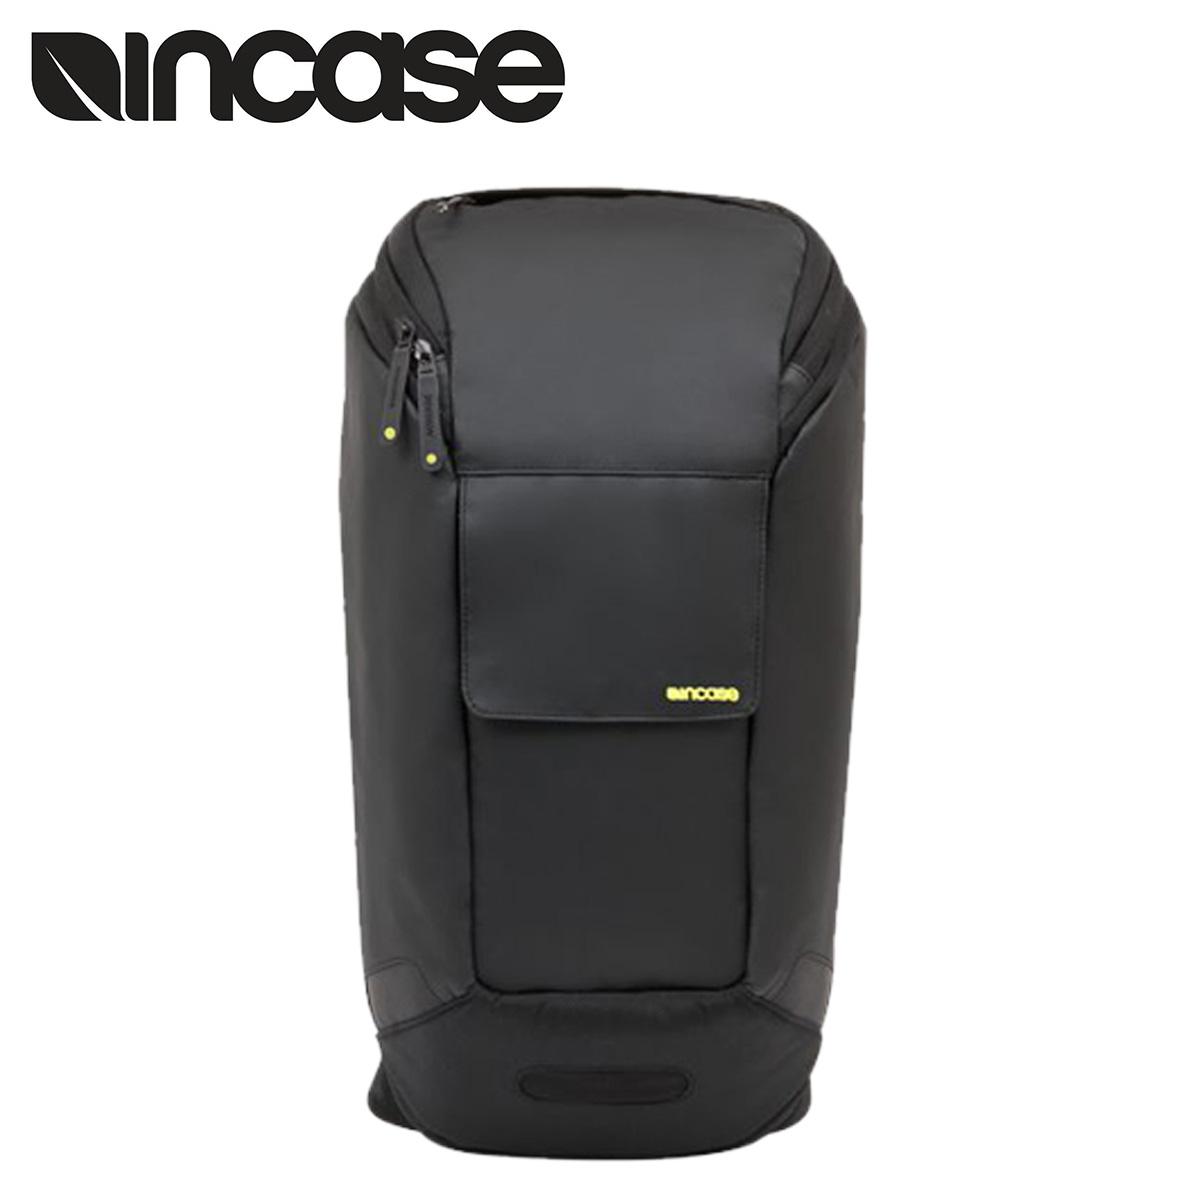 【最大2000円OFFクーポン】 INCASE インケース バックパック リュック レンジ コレクション CL55540 ブラック RANGE BACKPACK -NEW CMF メンズ